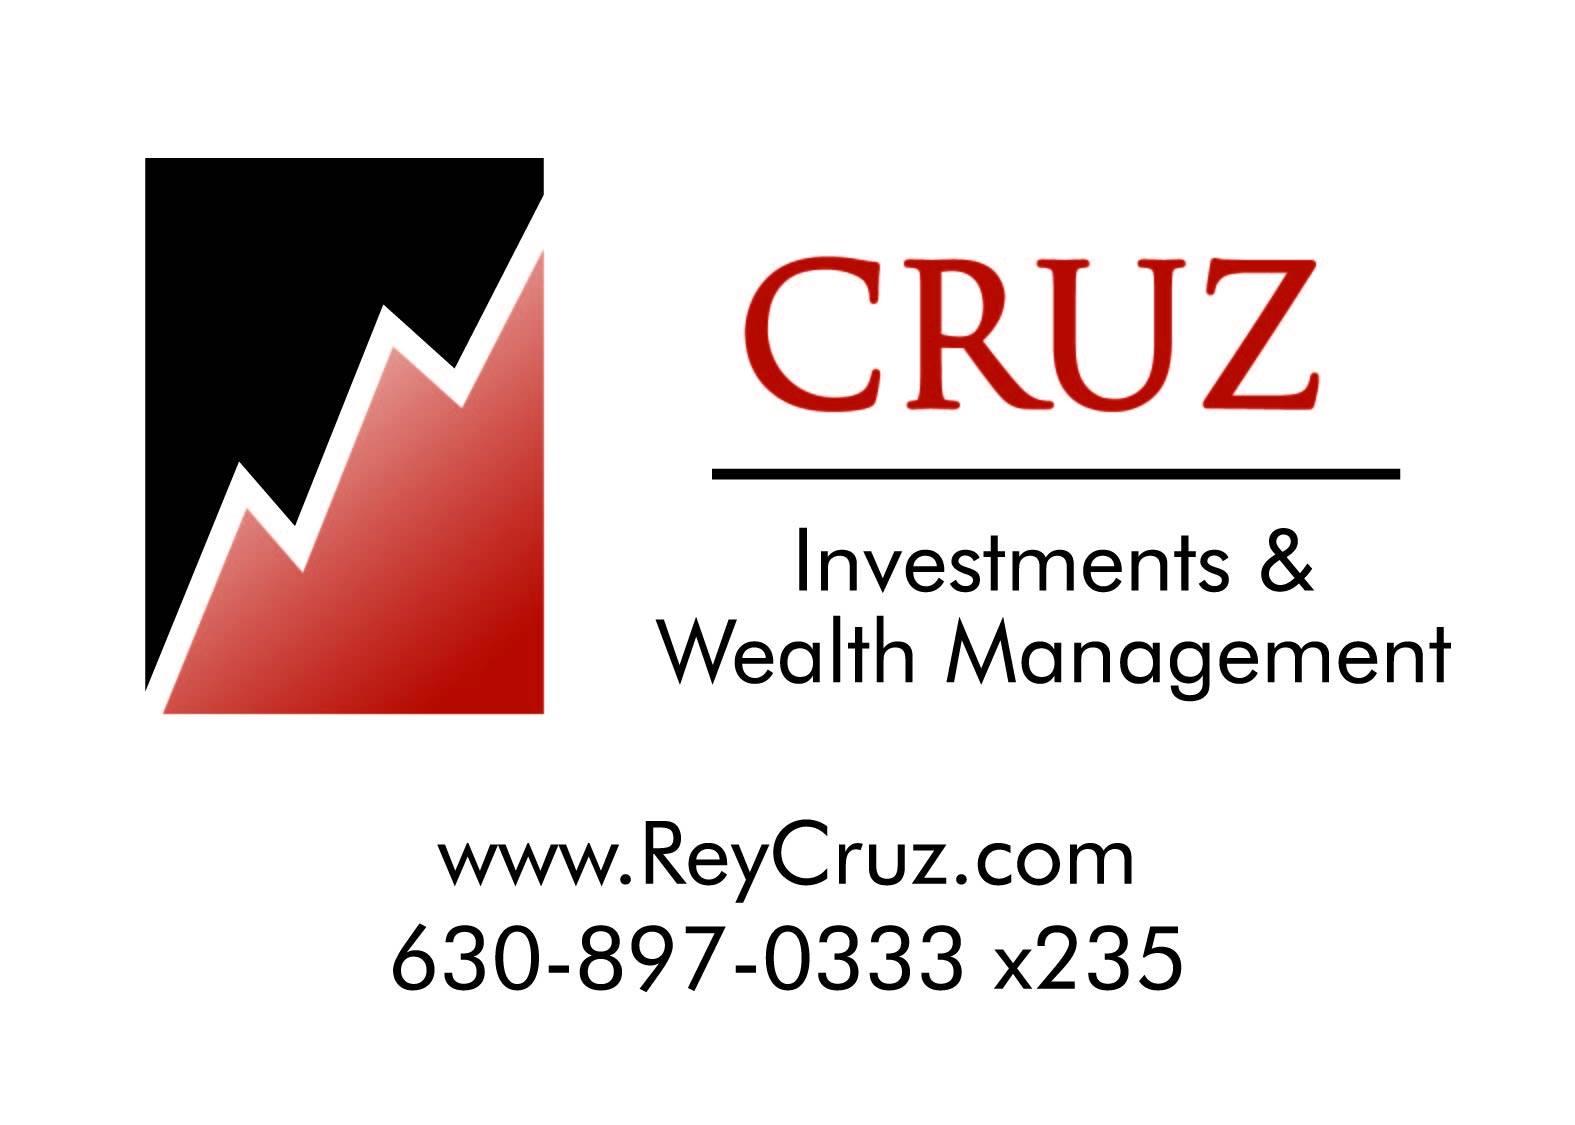 Rey Cruz